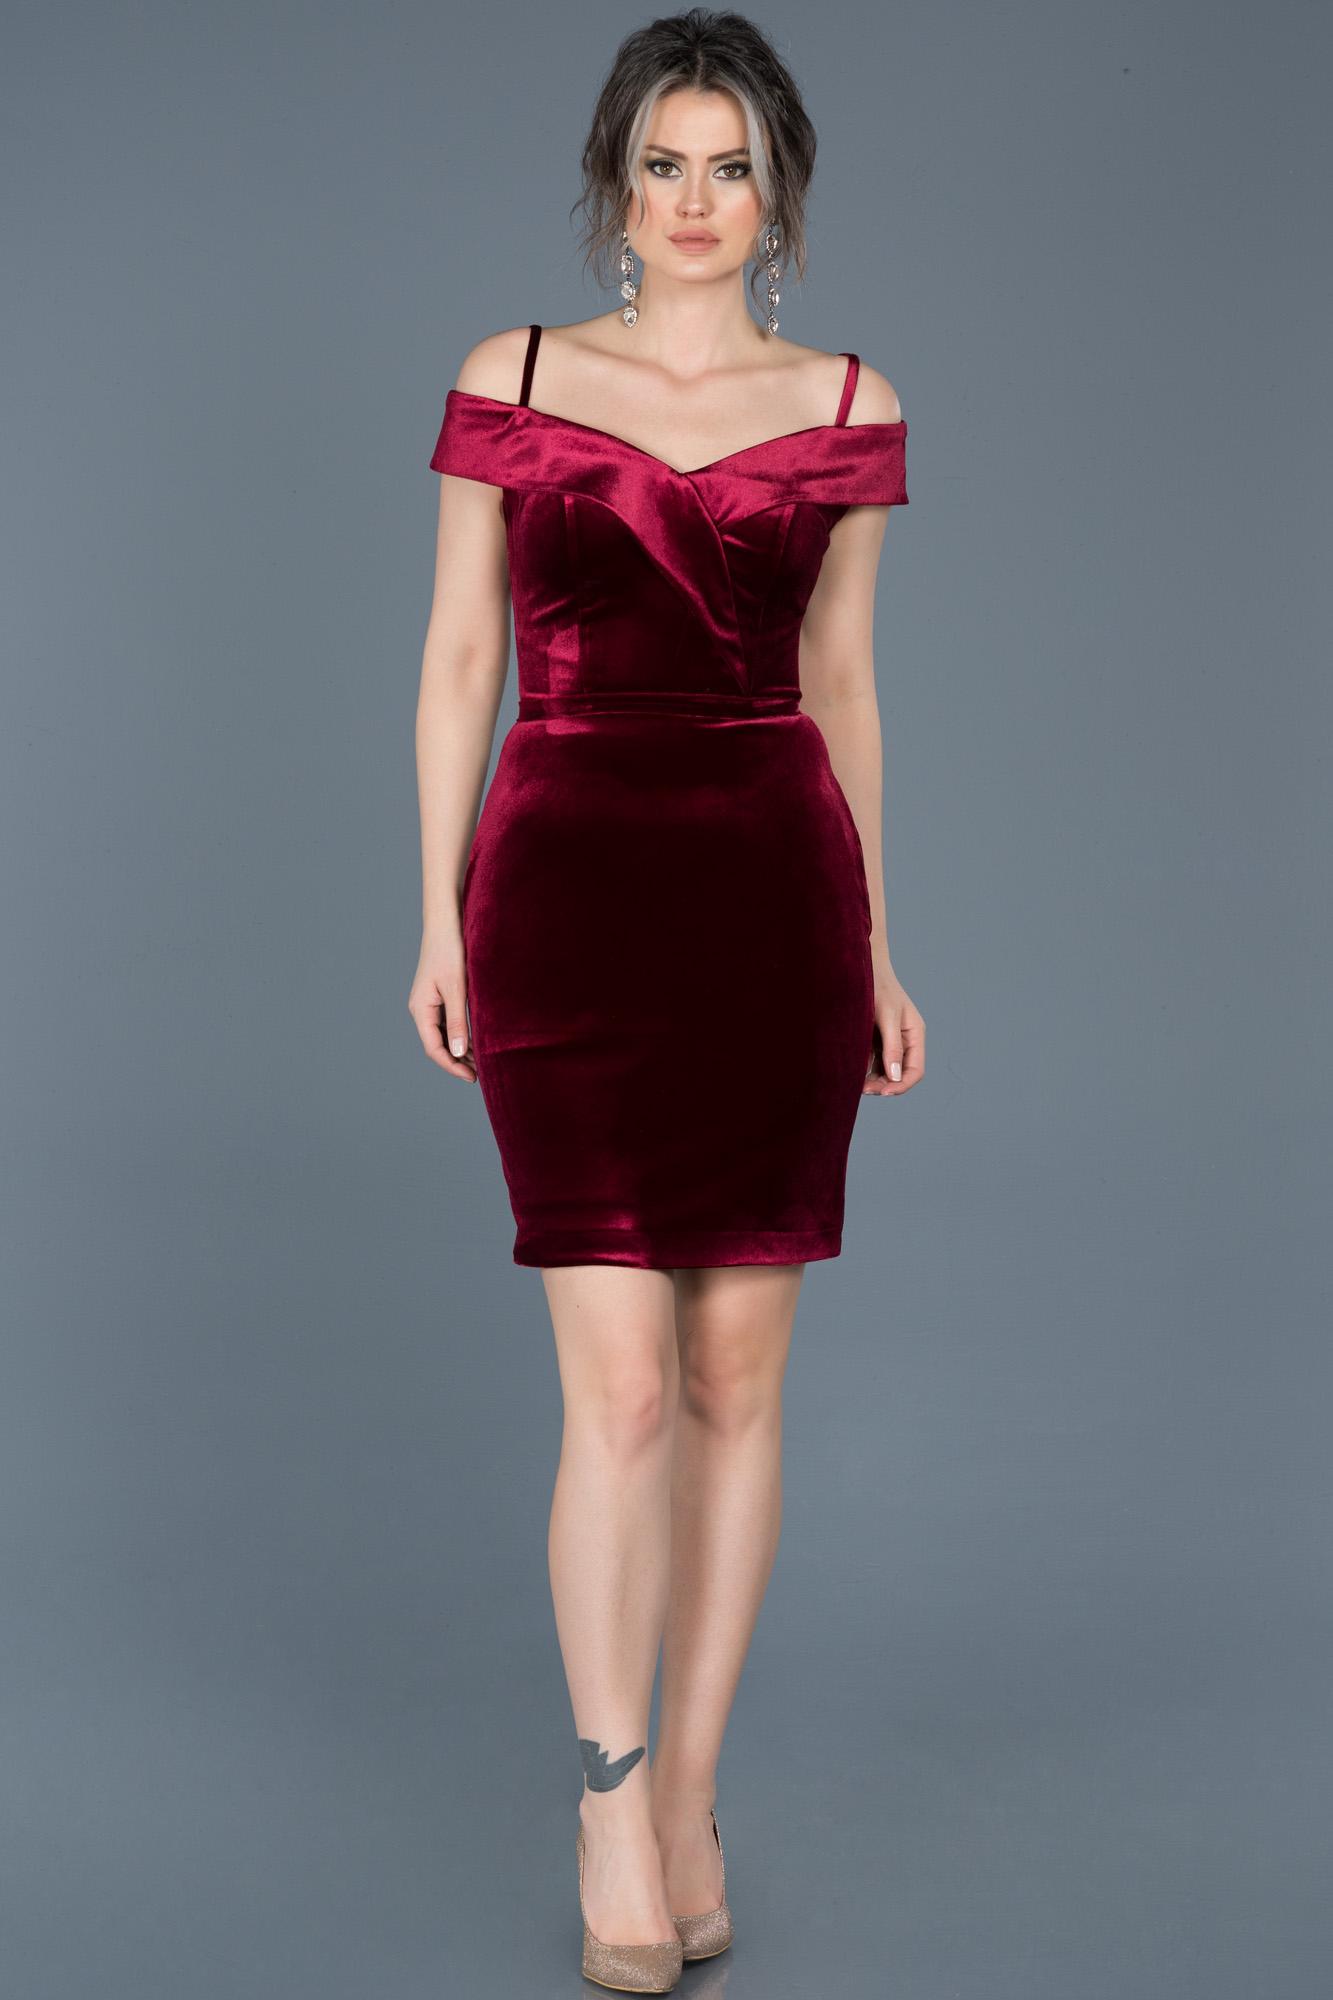 Robe De Soiree Courte En Velours Bordeaux Abk325 Abiyefon Com